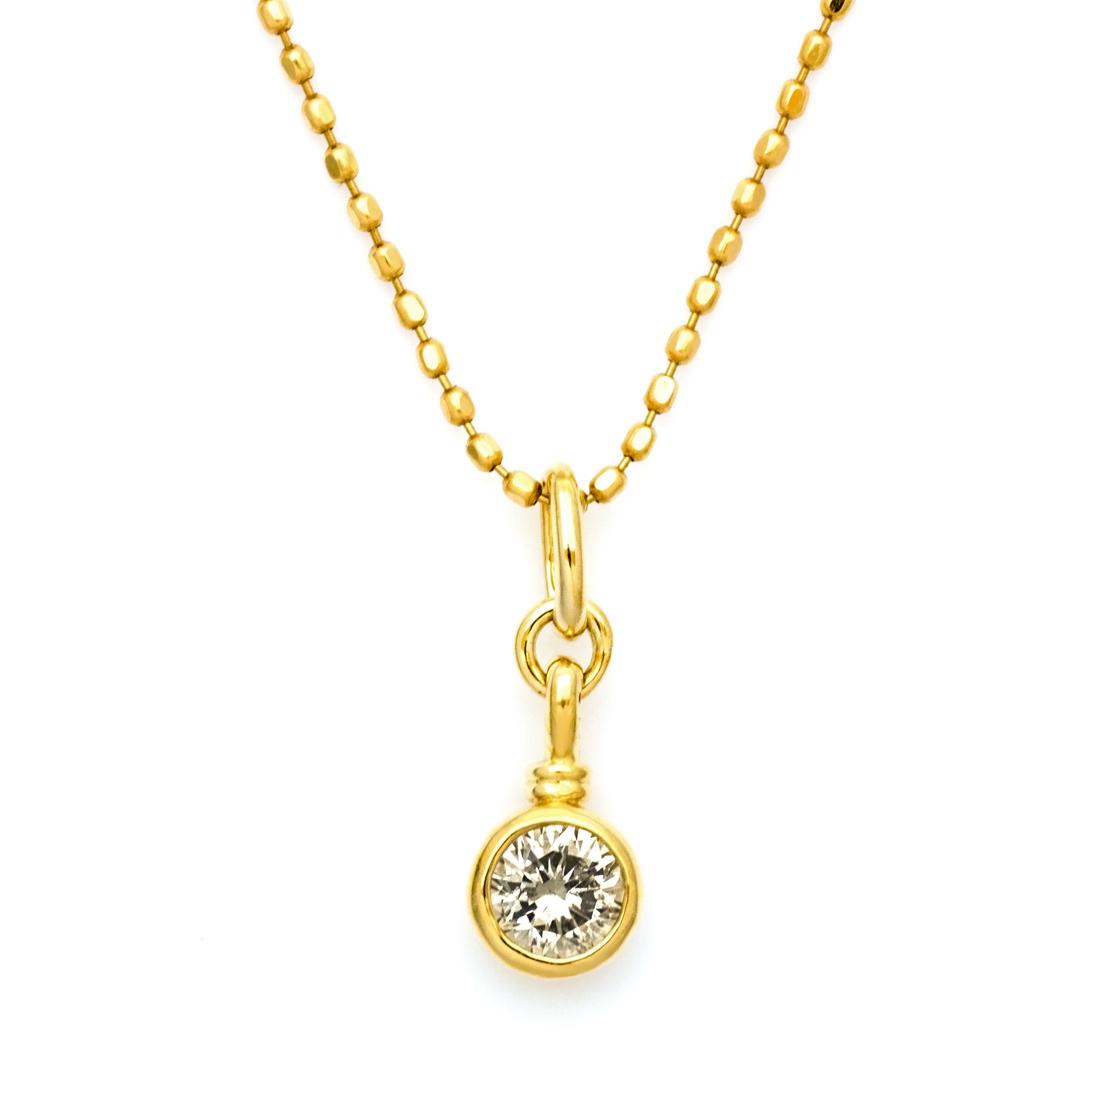 【GWクーポン配布中】ペンダントトップ ダイヤモンド 「tremolio」 ゴールド K18 送料無料